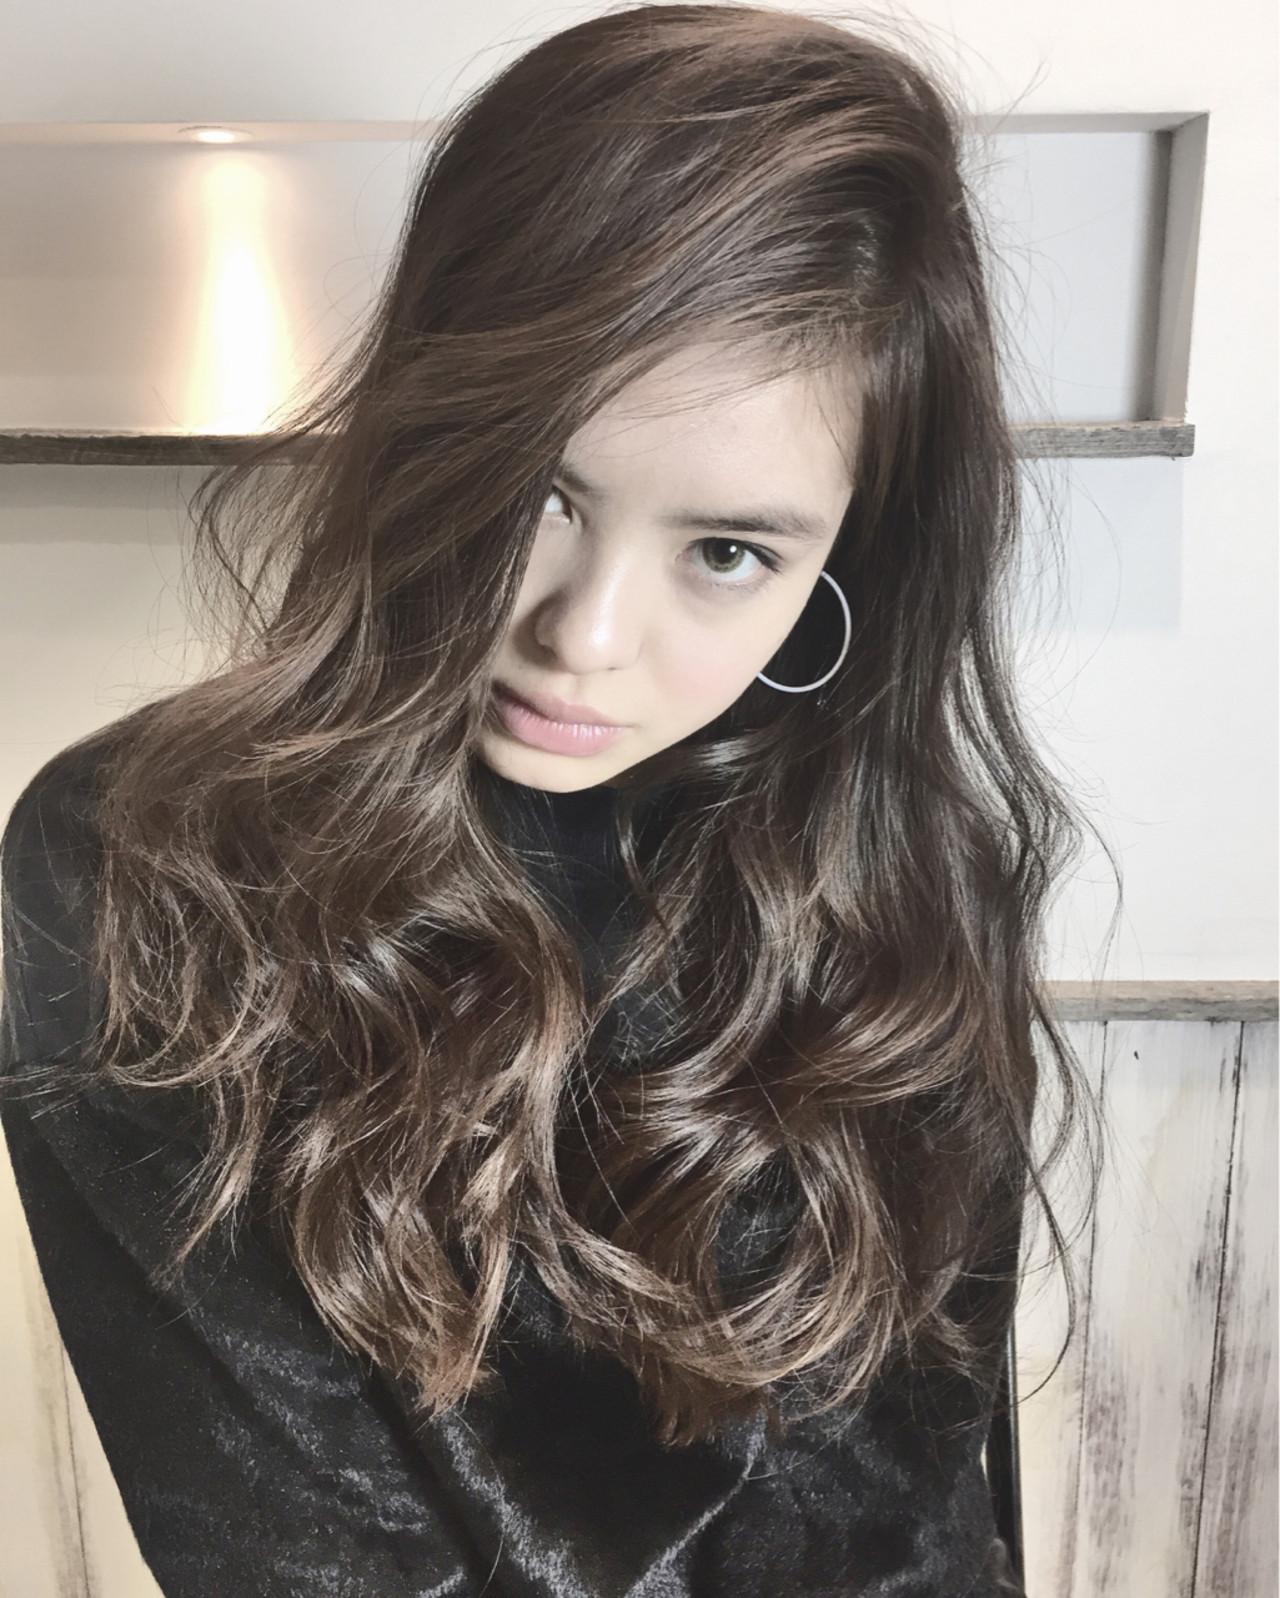 大人女子に人気の髪型とは?力の抜けたナチュラルさが魅力のヘアスタイル10選 C-ZONE 村山 武